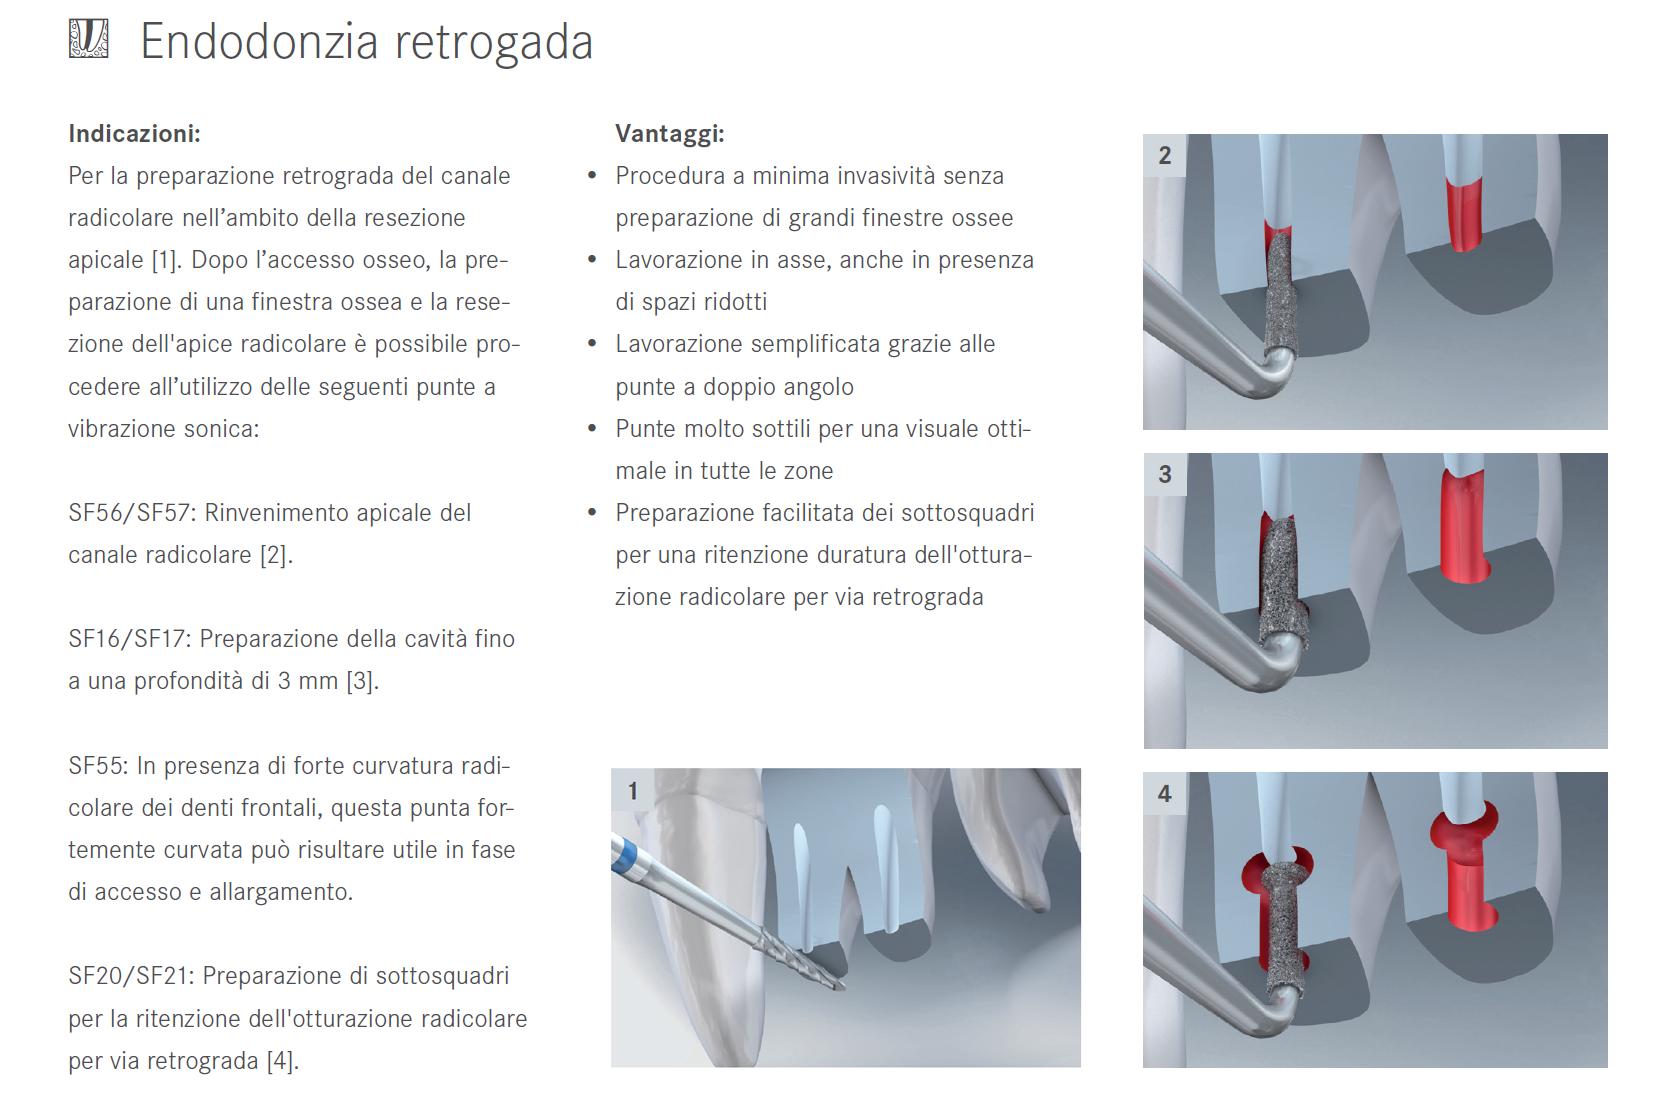 Punte soniche per endodonzia retrograda